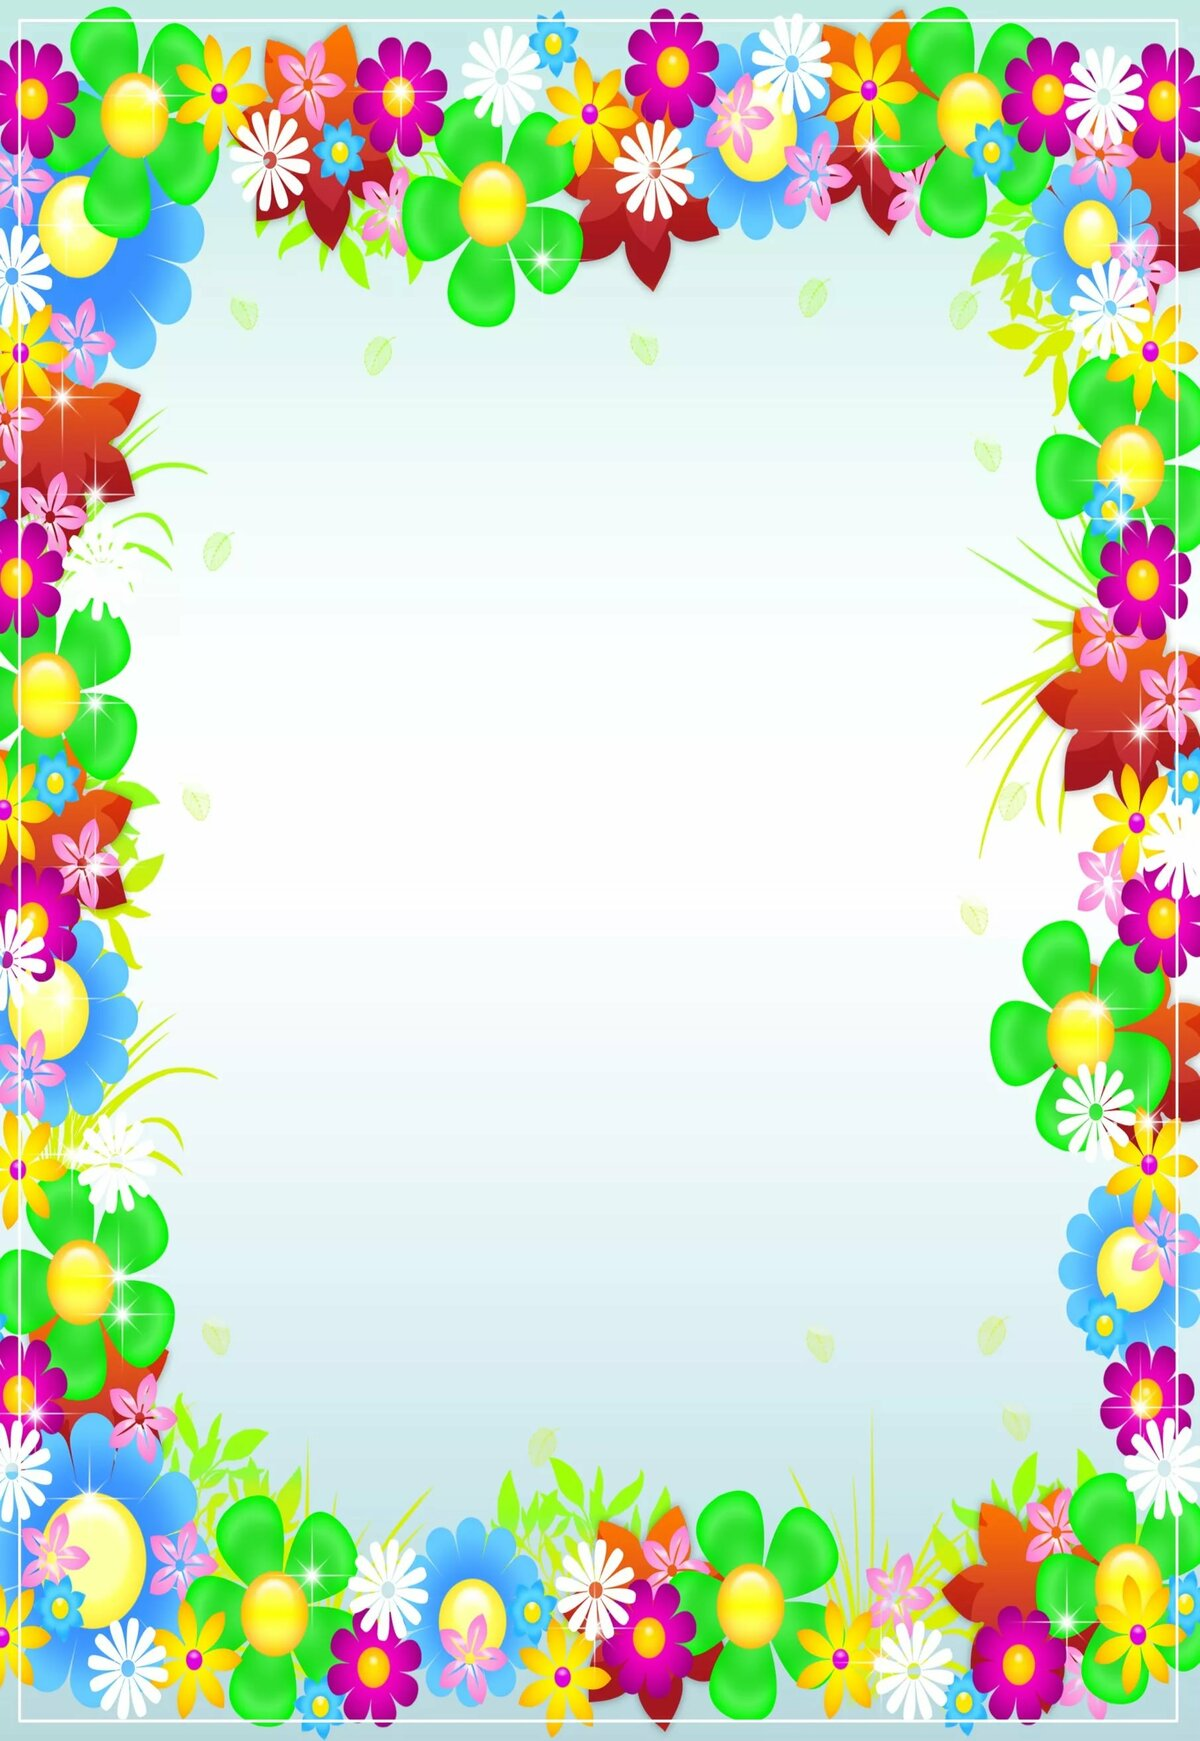 сочетании картинки грамот с цветами стиль является